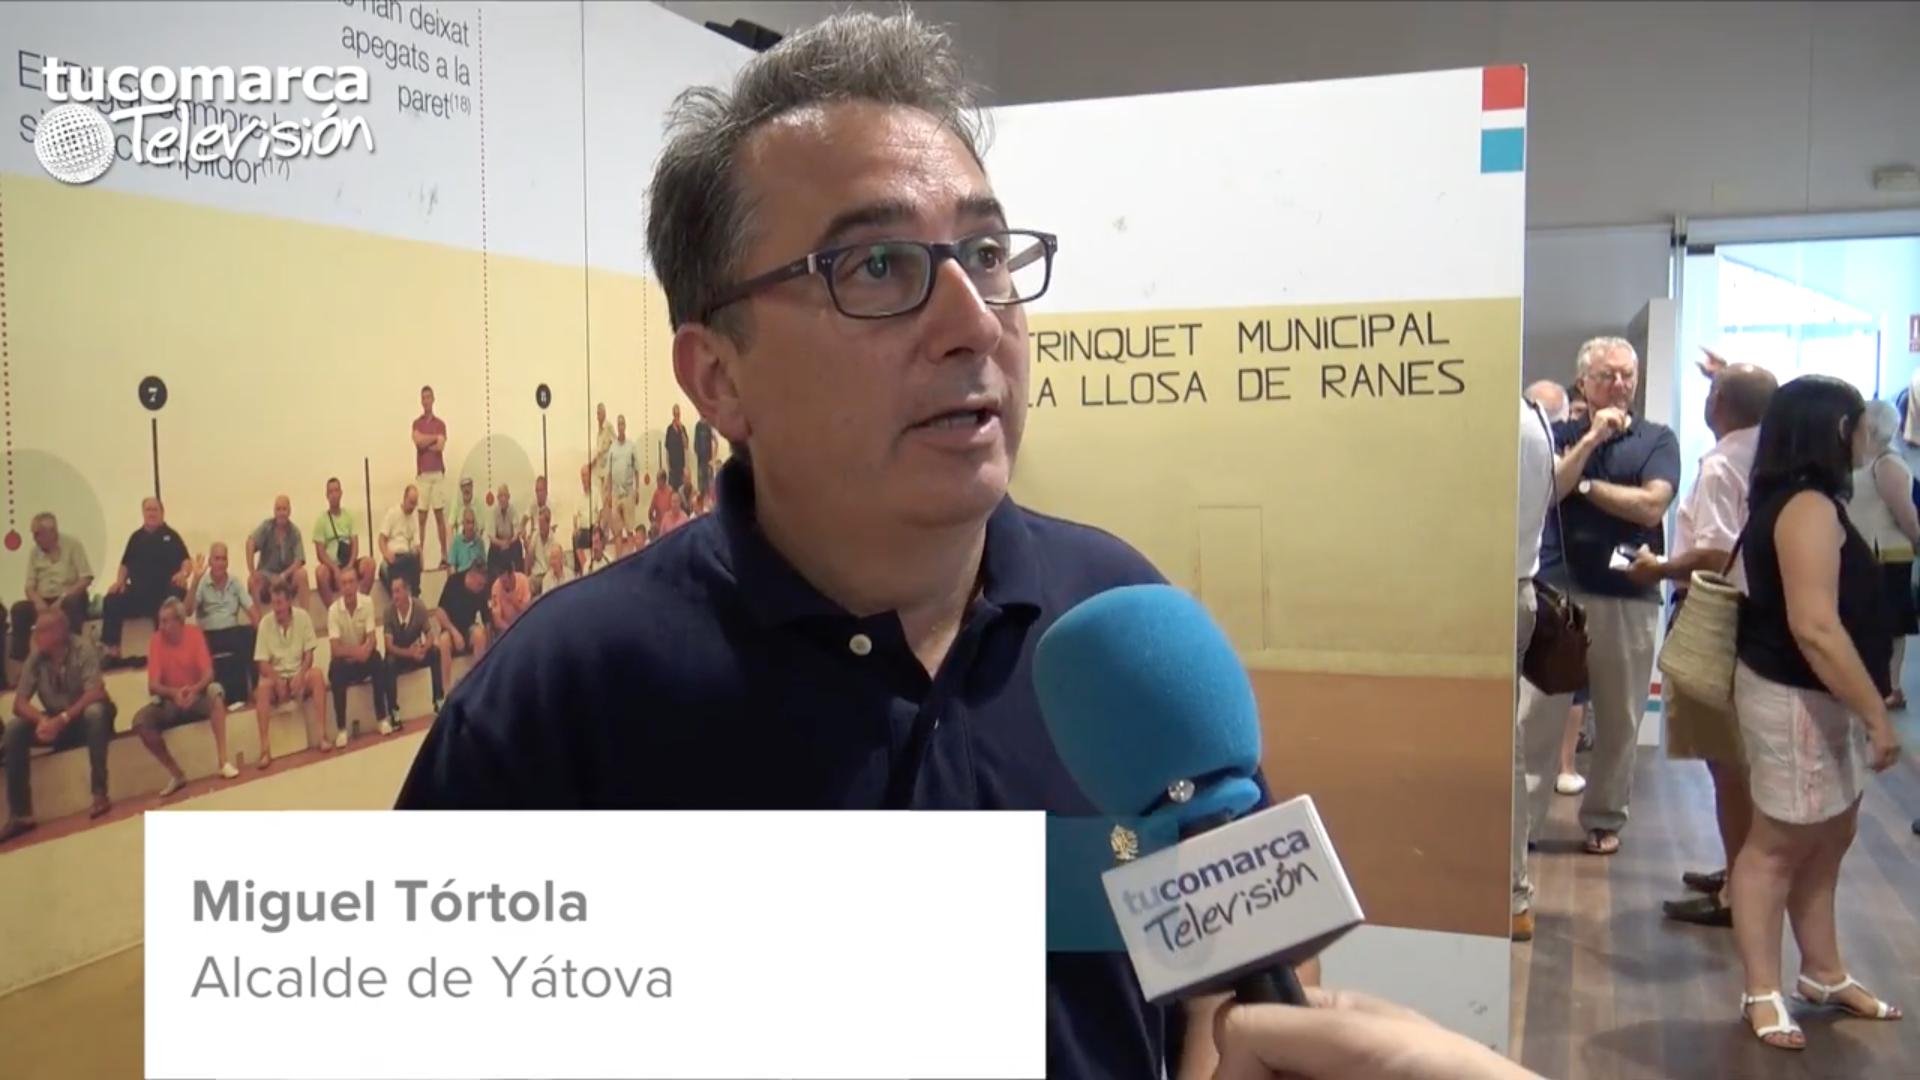 El alcalde de Yátpva, Miguel Tórtola, durante la entrevista realizada en tucomarca televisión.